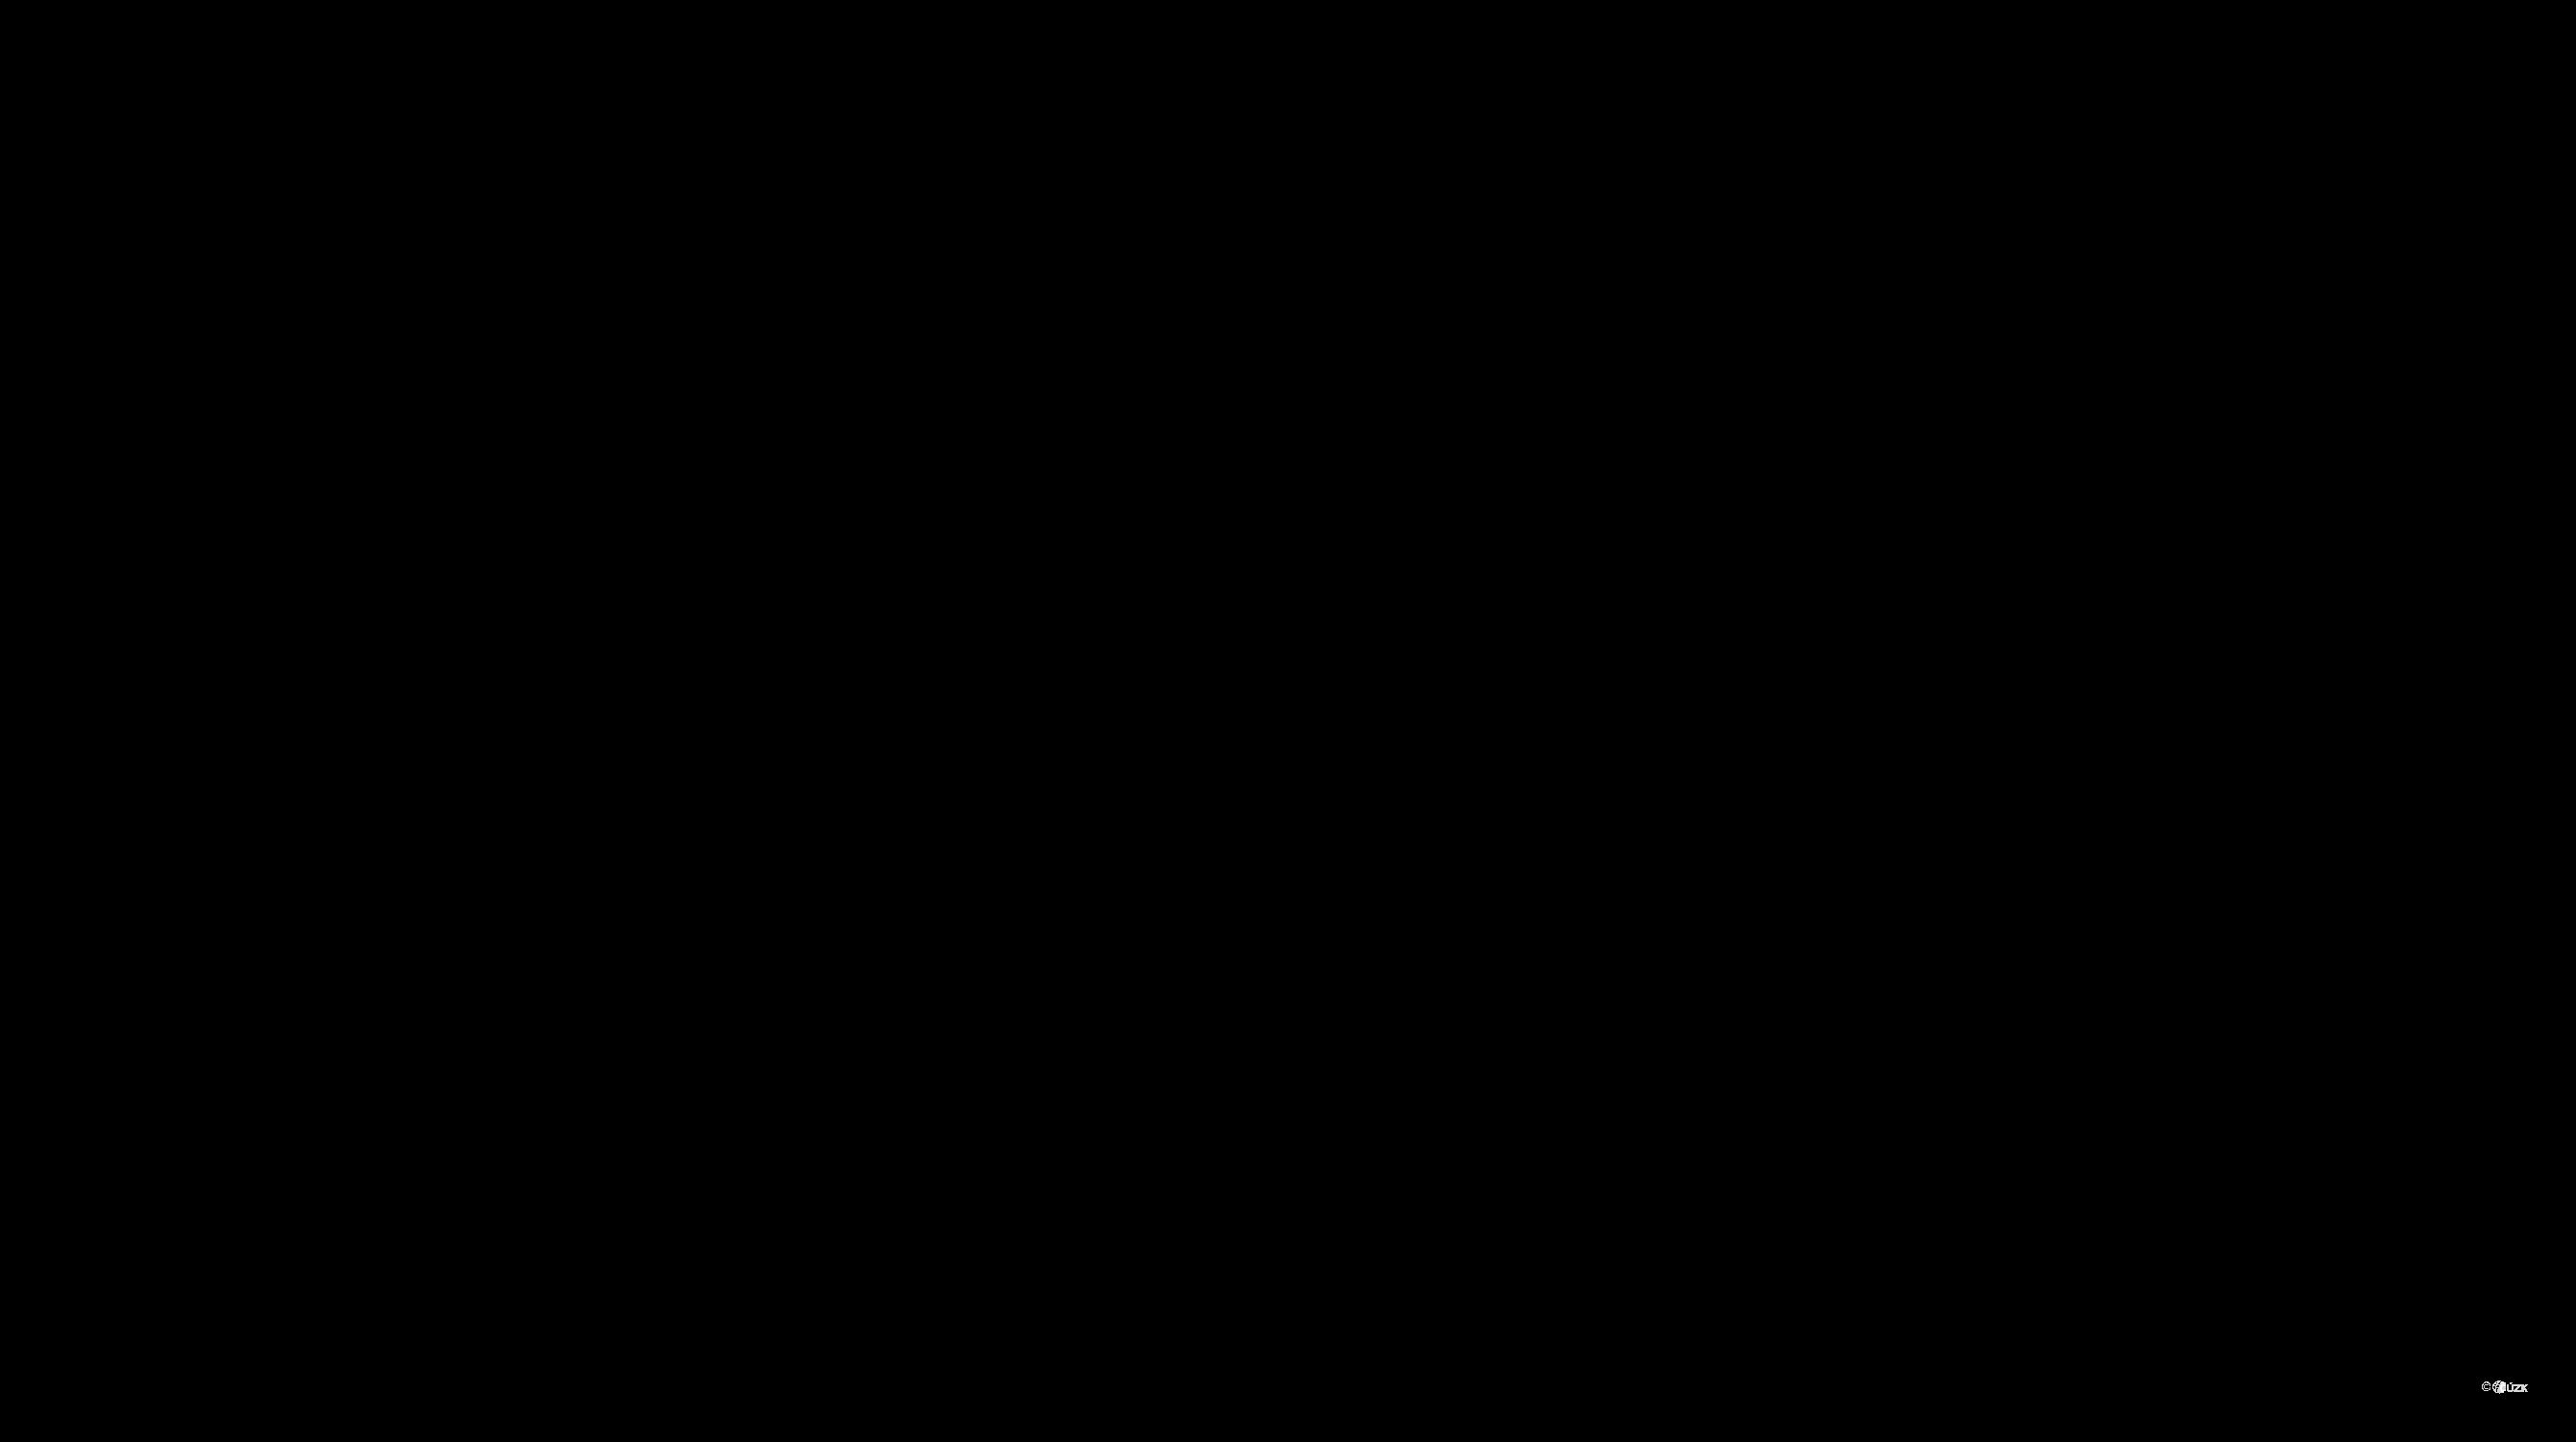 Katastrální mapa pozemků a čísla parcel Loučovice